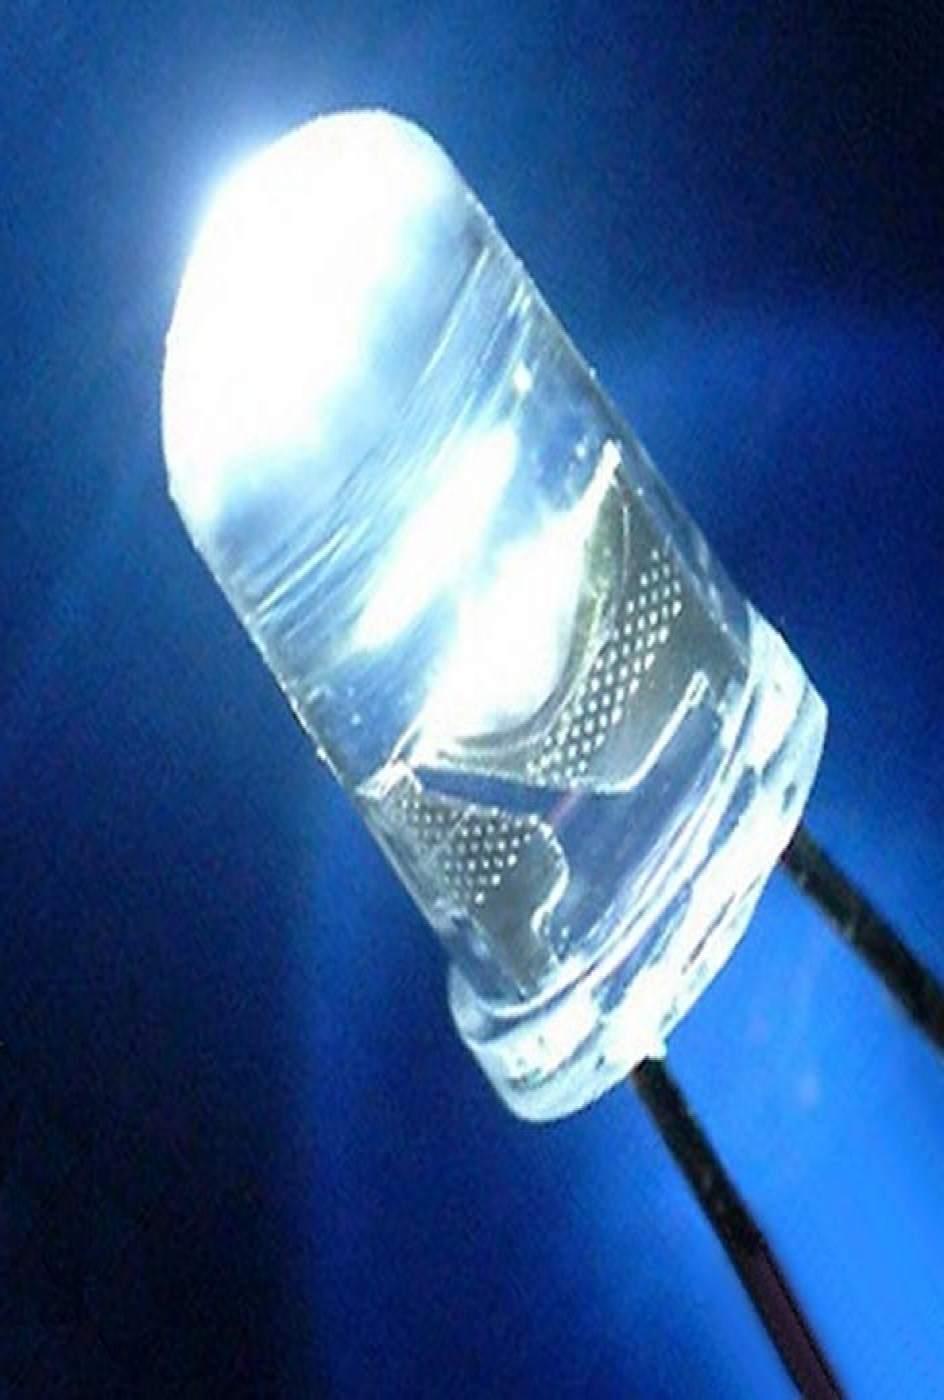 Image gallery luces led blancas - Que es la luz led ...